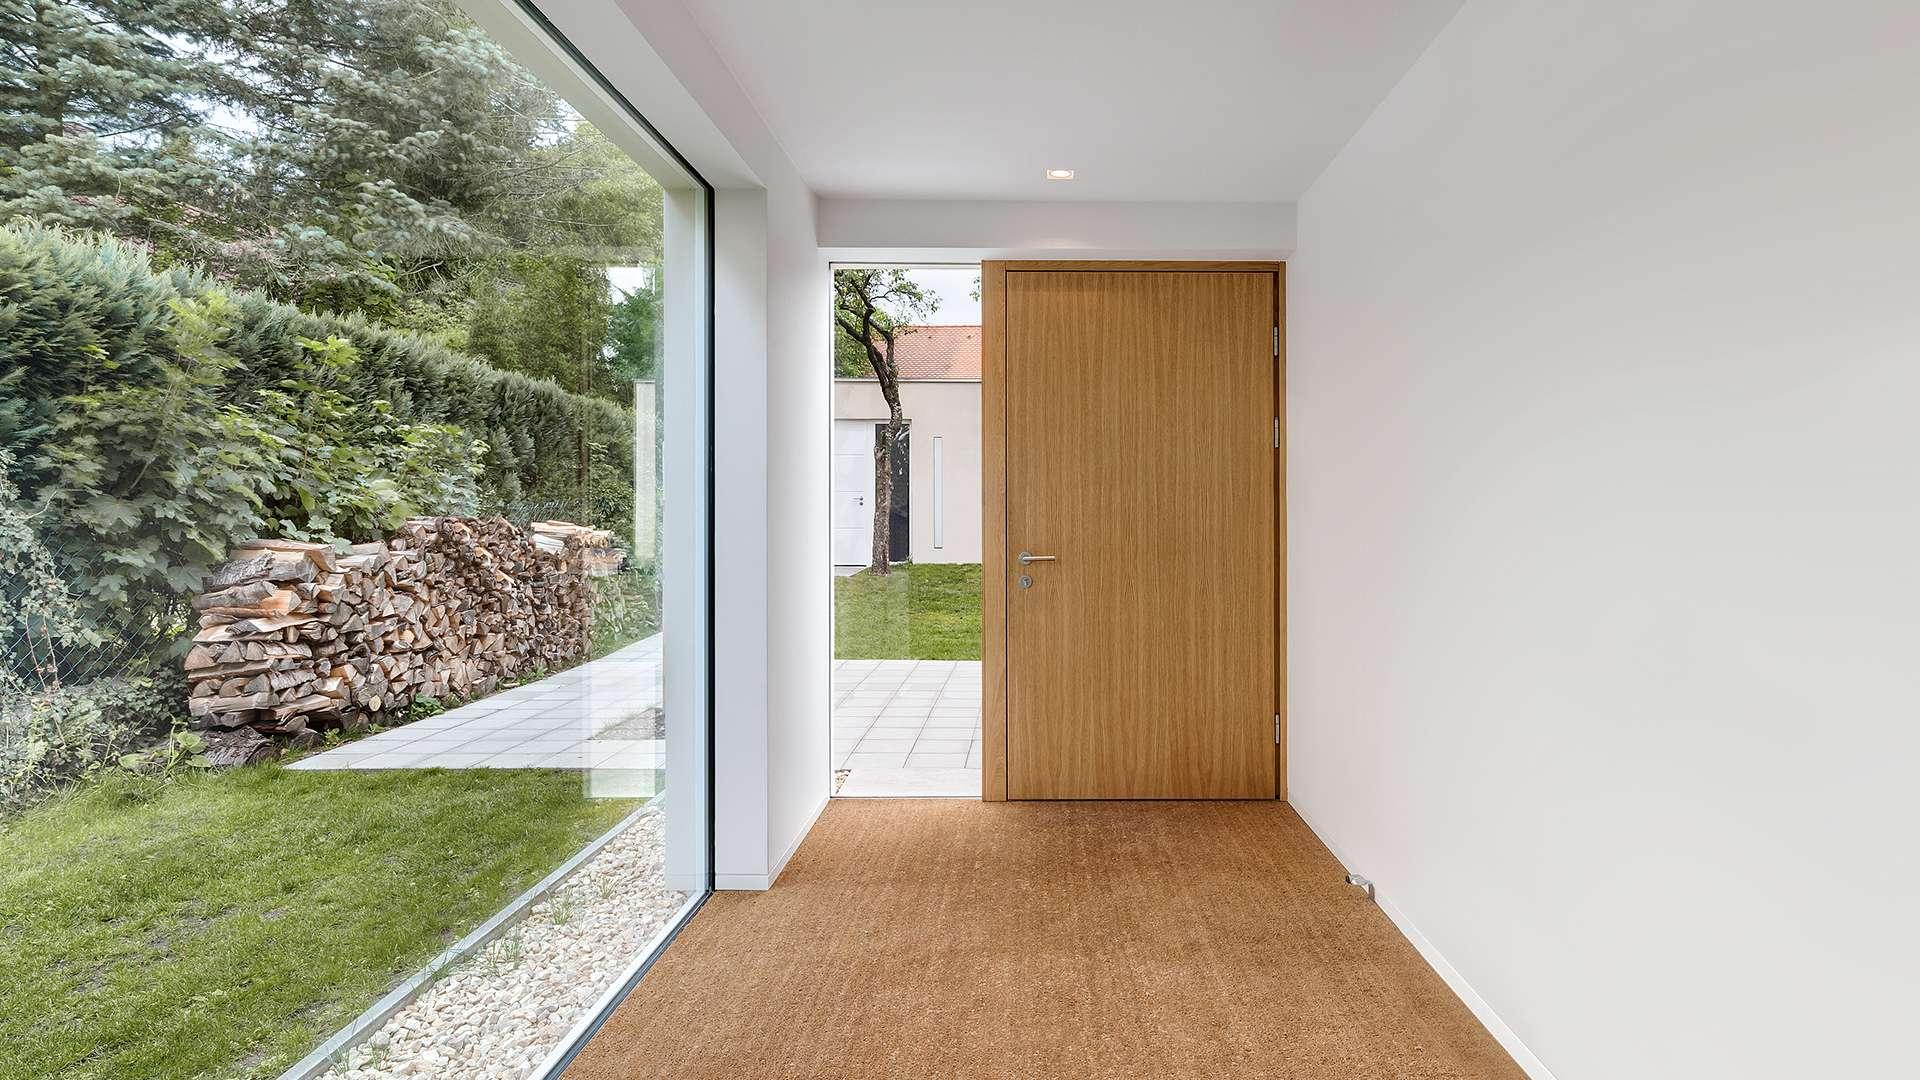 Eingangsbereich mit eine Holzhaustür und langer Glasfront an der linken Seite zum Garten hin